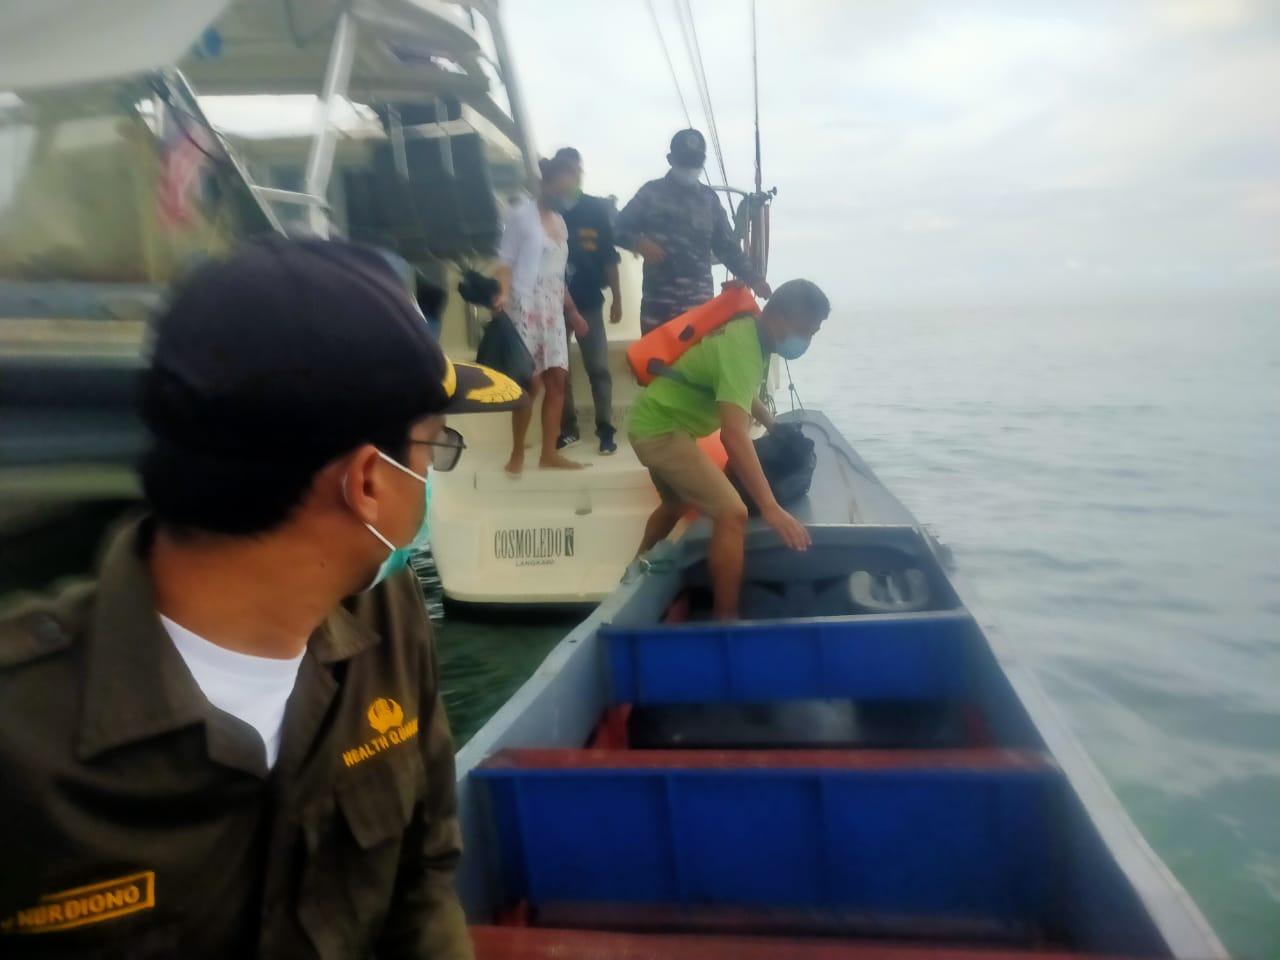 KM. SY COSMOLIDO berbendera Langkawi Malaysia dari Pulau Seribu tujuan Batam yang sandar di perairan Batu Rakit Muntok Kab. Bangka Barat (Sabtu, 26/12/20).